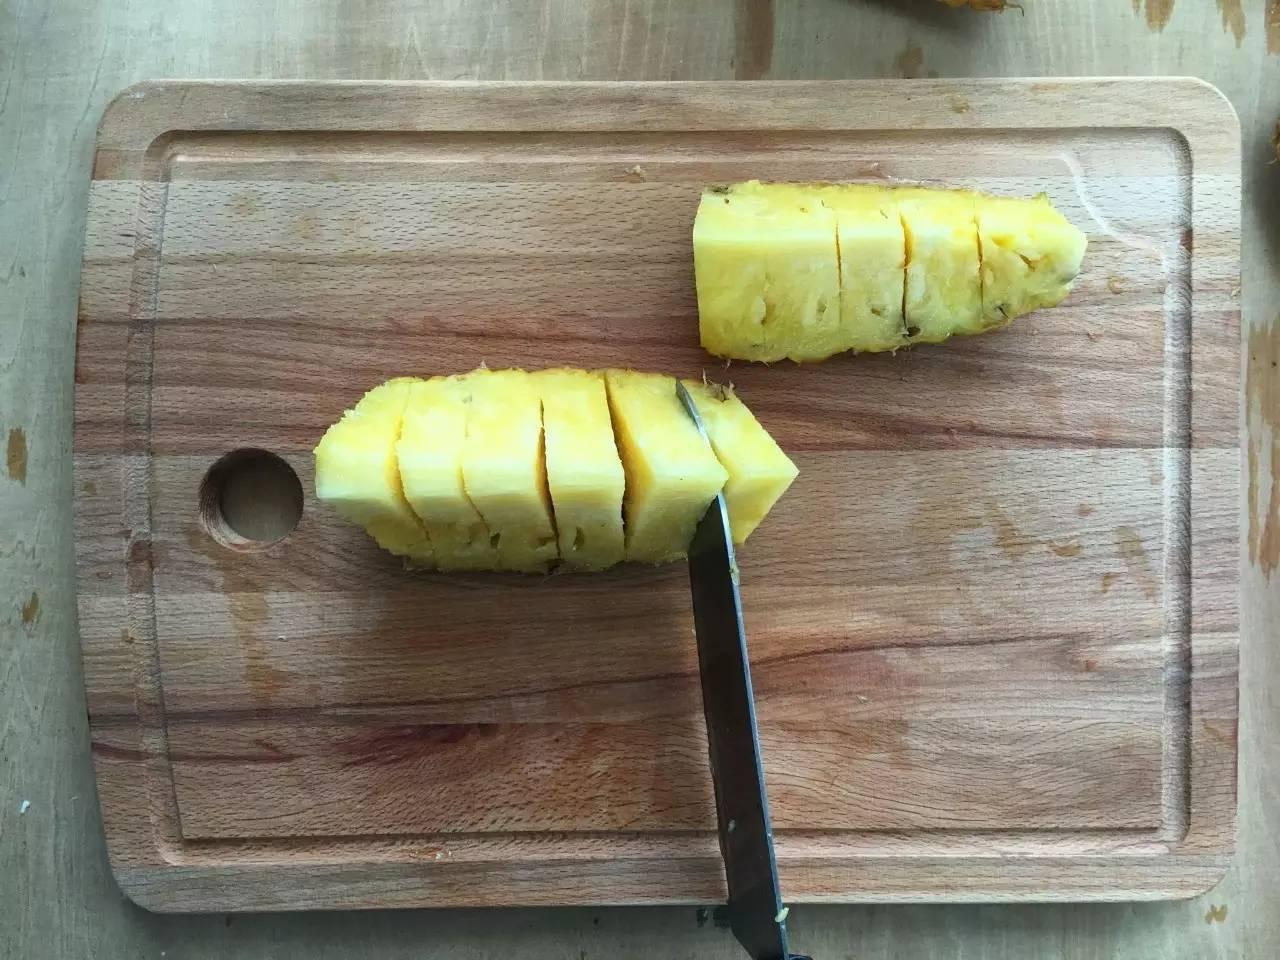 两分钟内切整个菠萝,这方法太好用! - xm6578285 - 熄灯一小时,世界将因你而改变!